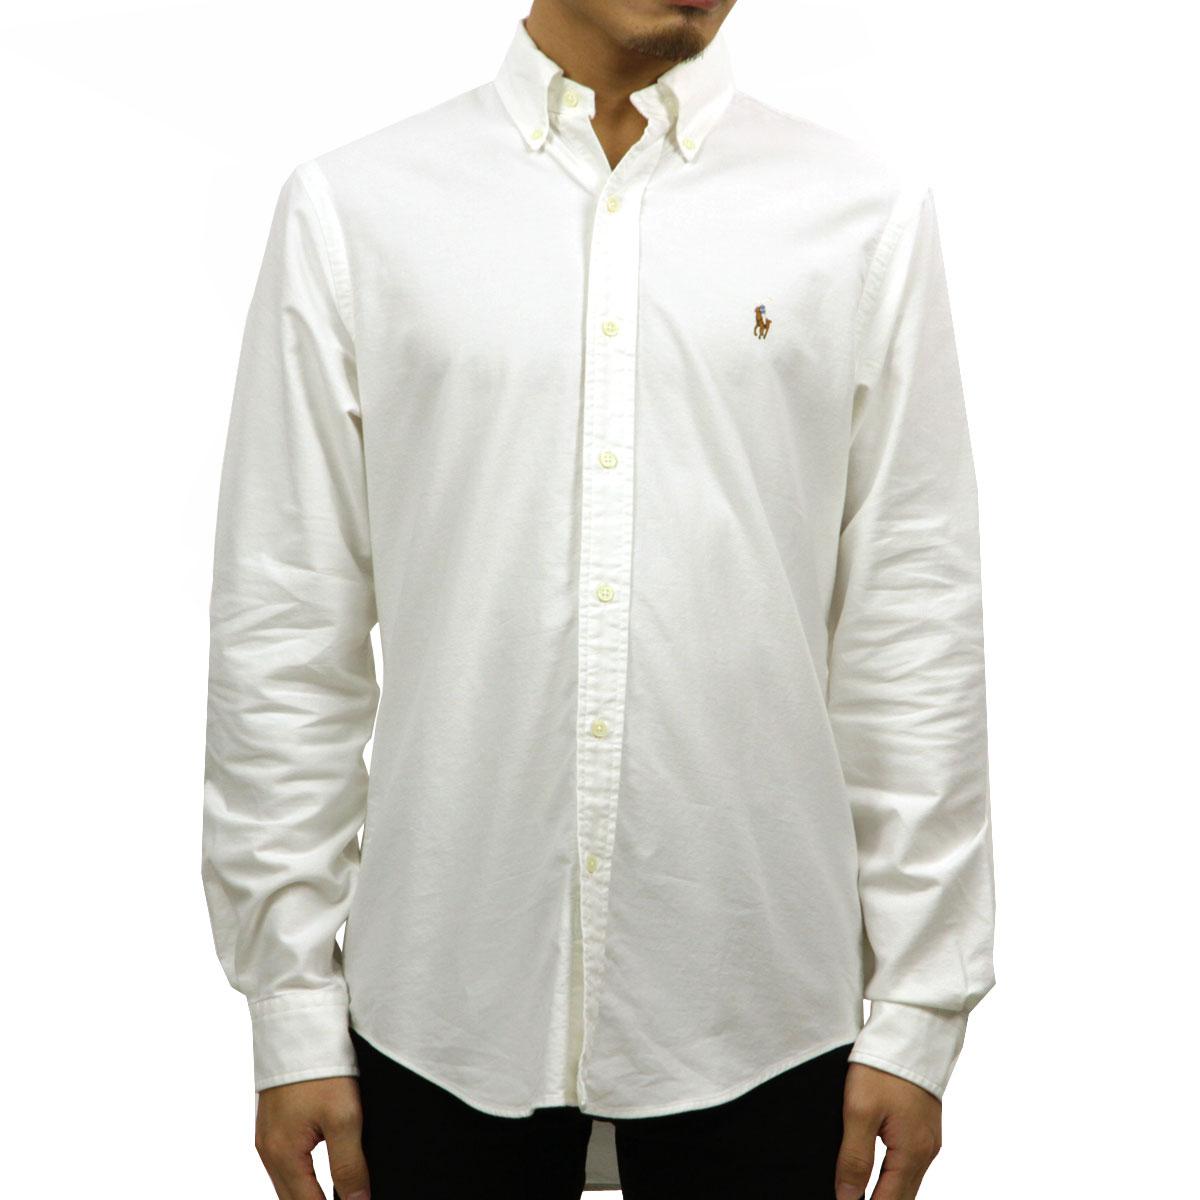 ポロラルフローレン POLO RALPH LAUREN 正規品 メンズ 長袖シャツ Classic-Fit Oxford Shirt